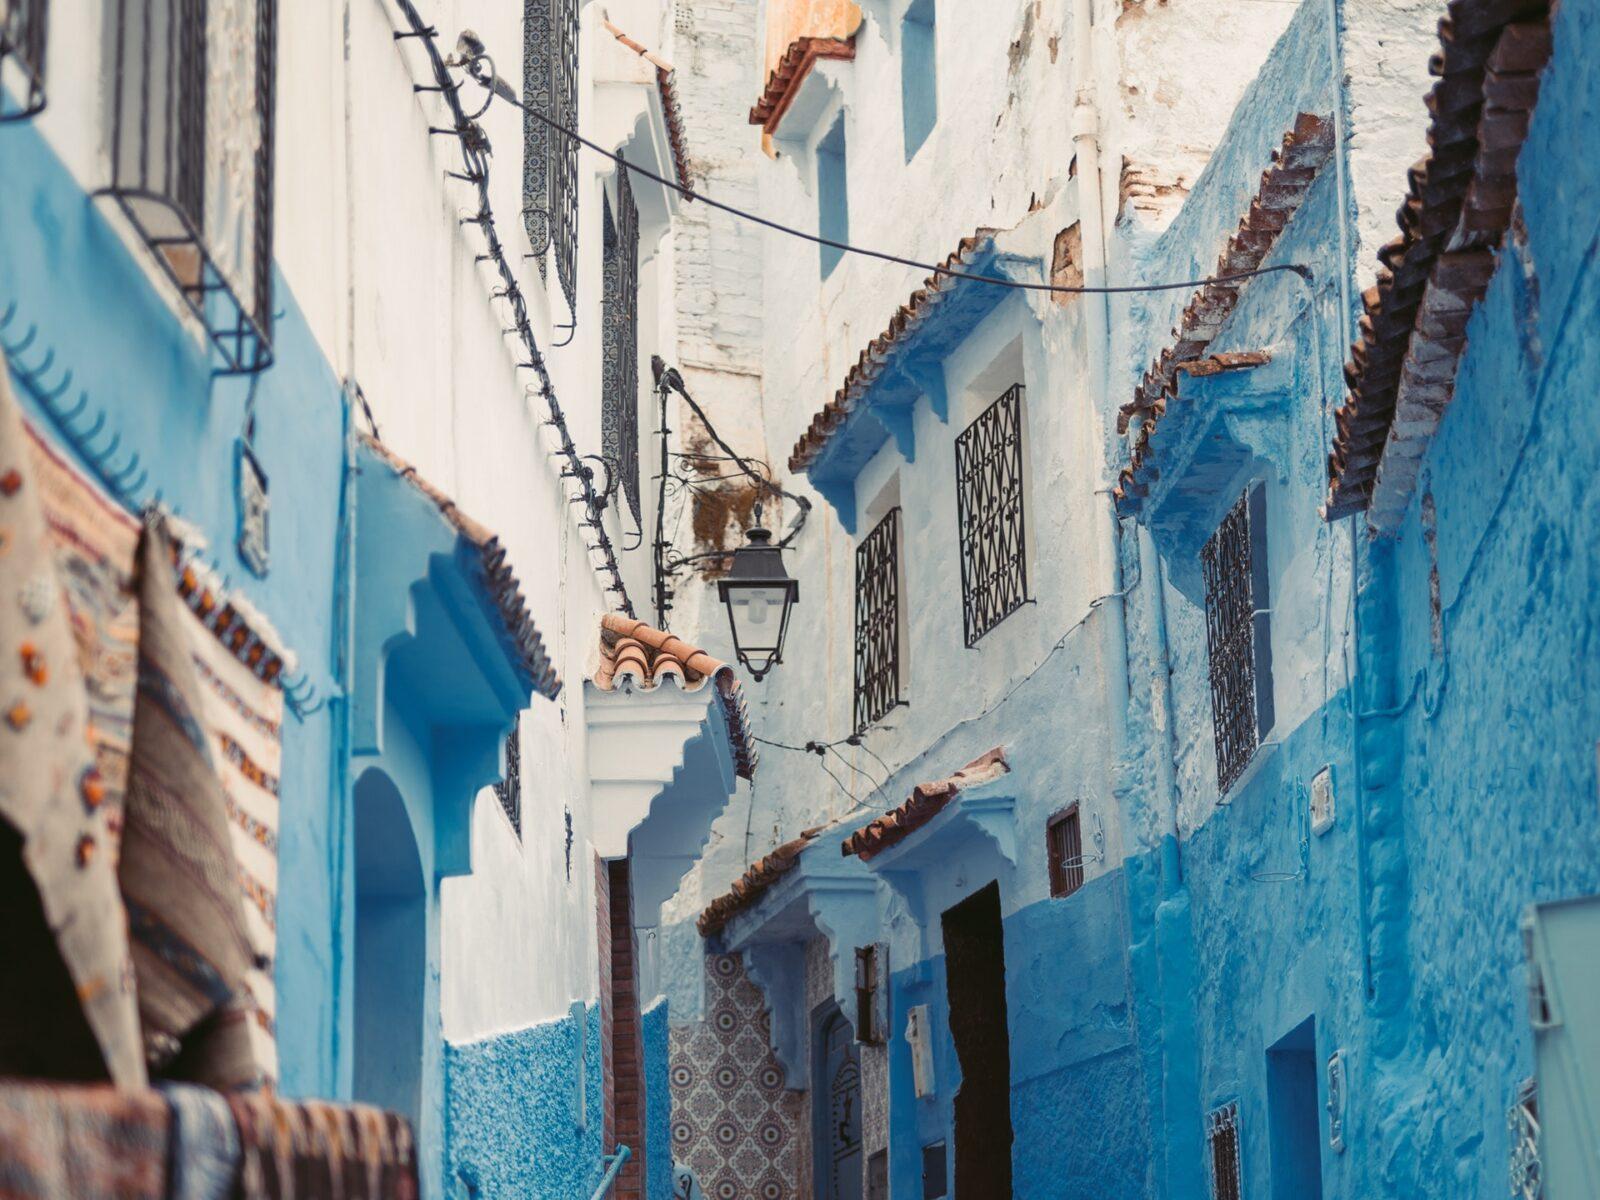 pexels taryn elliott 4652060 1536x1152 - Guide Morocco Tours